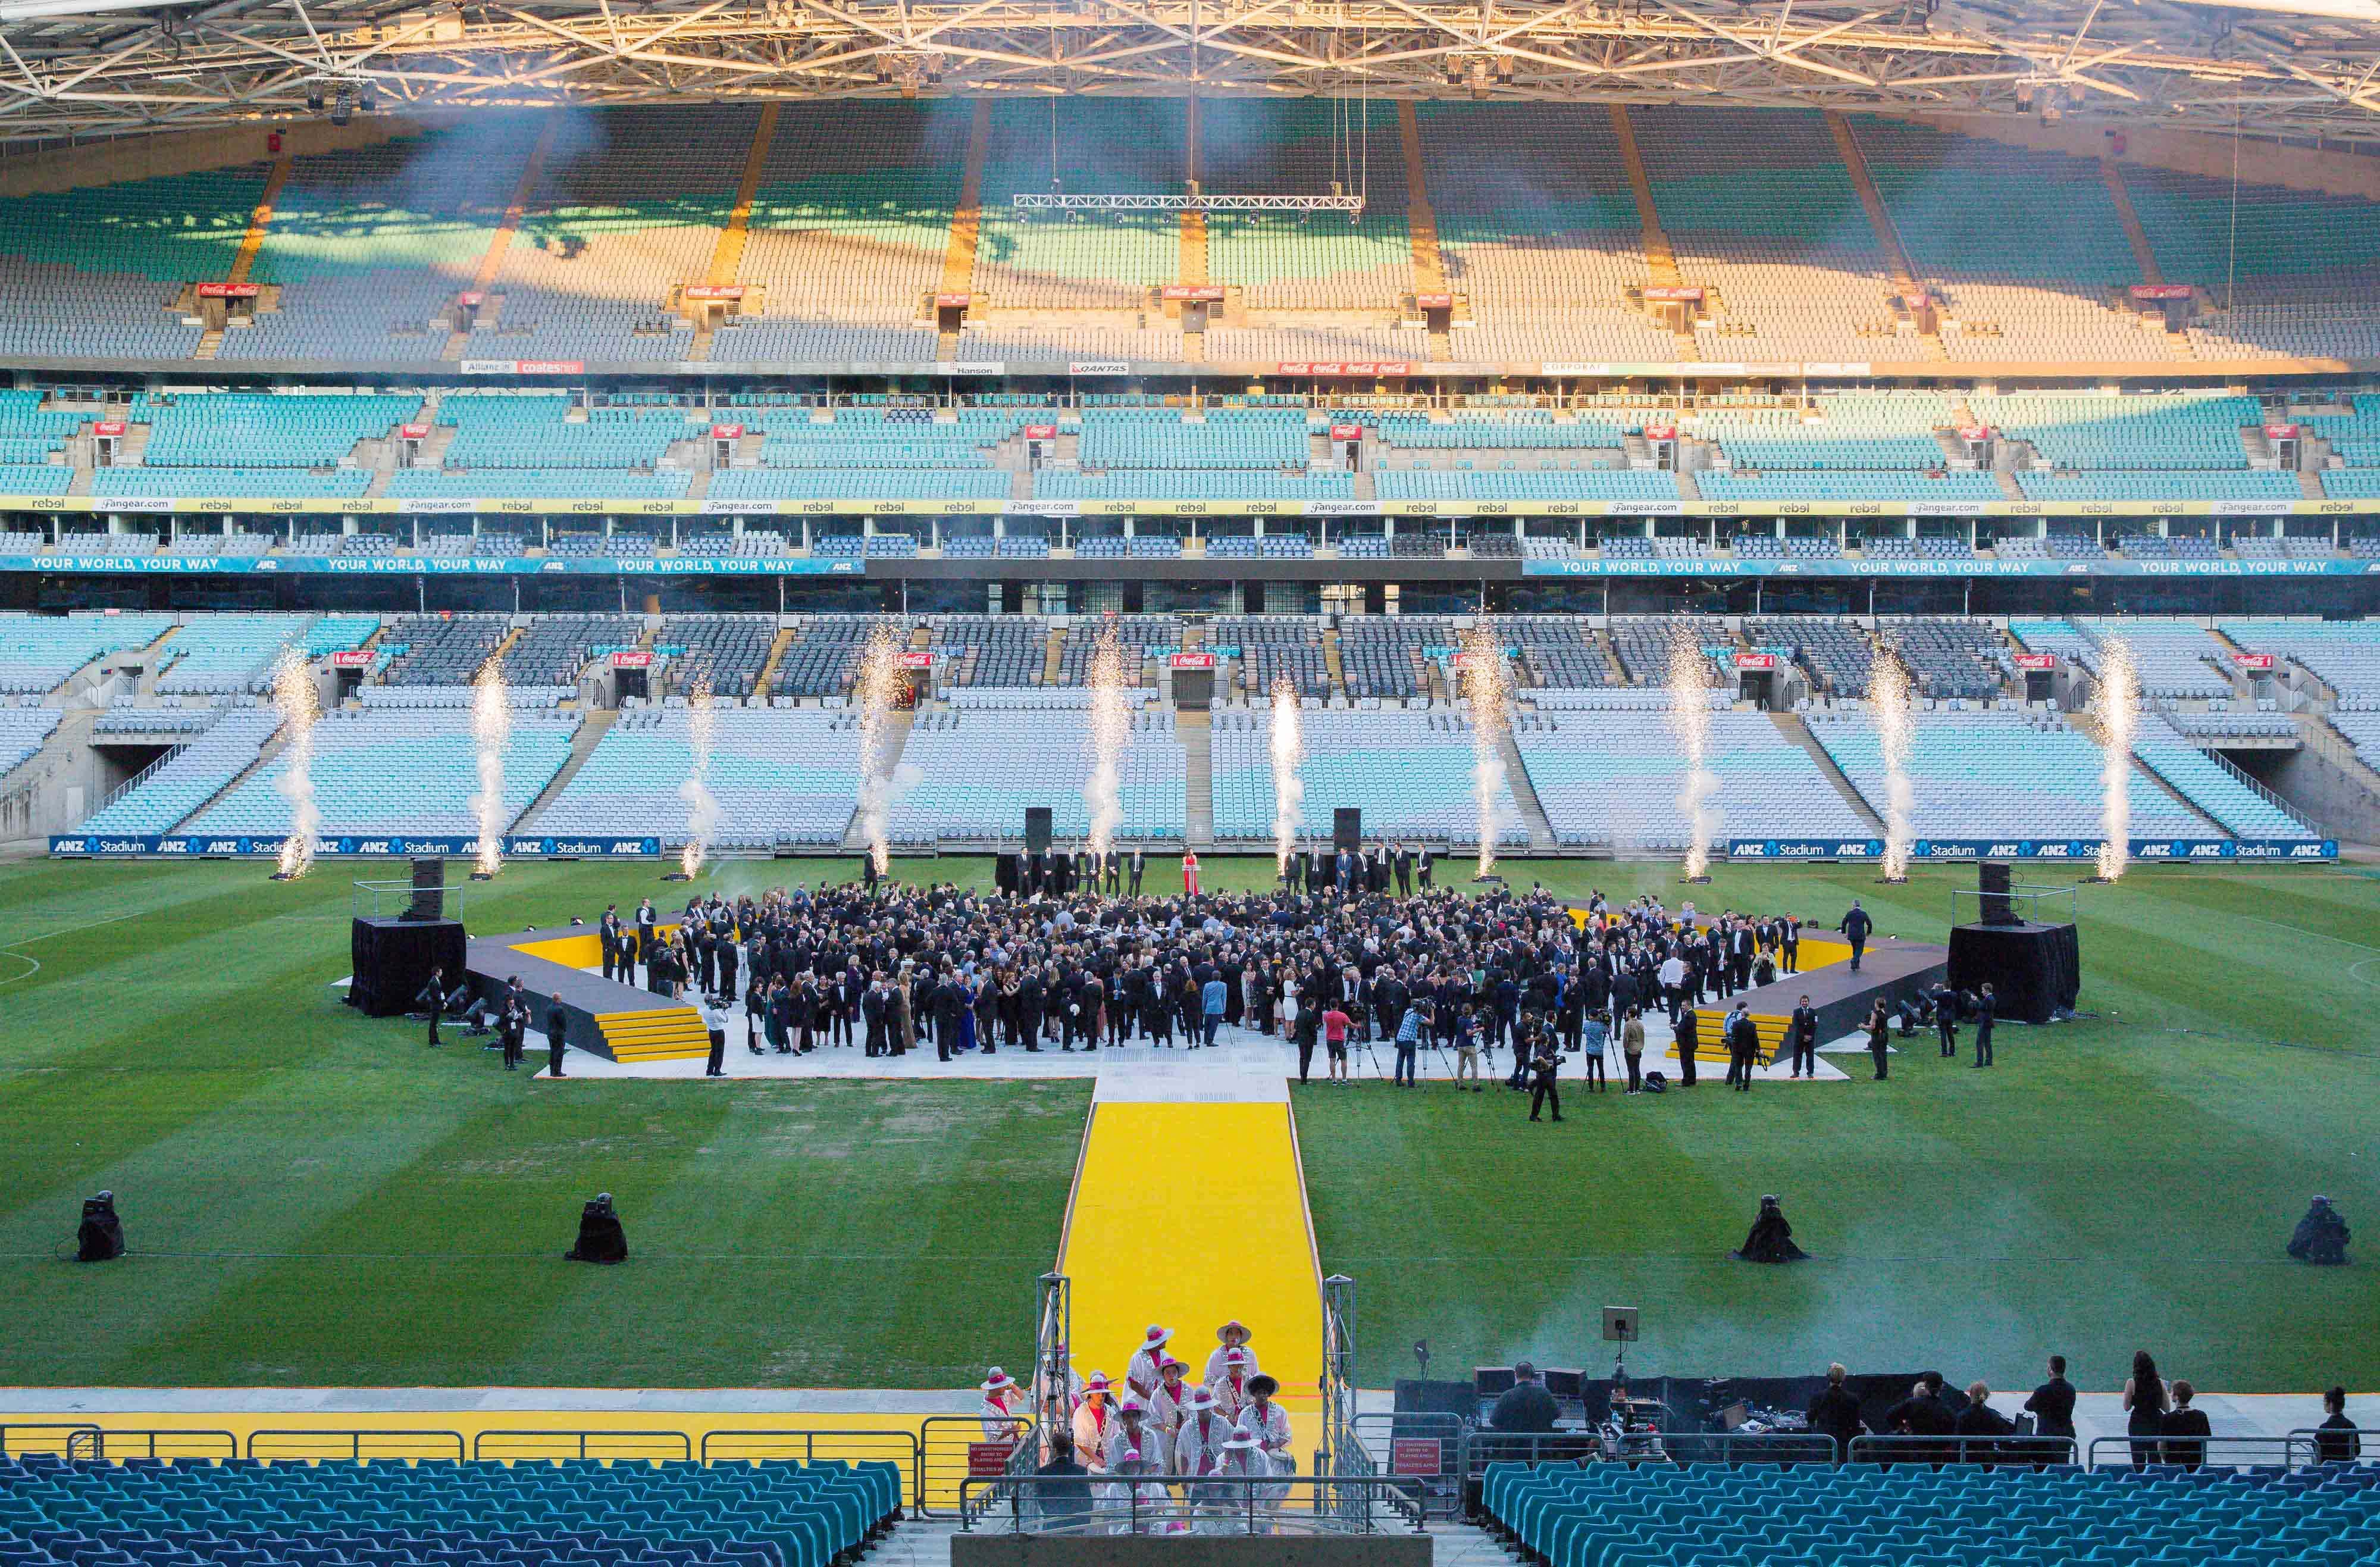 The Arena, Stadium Australia